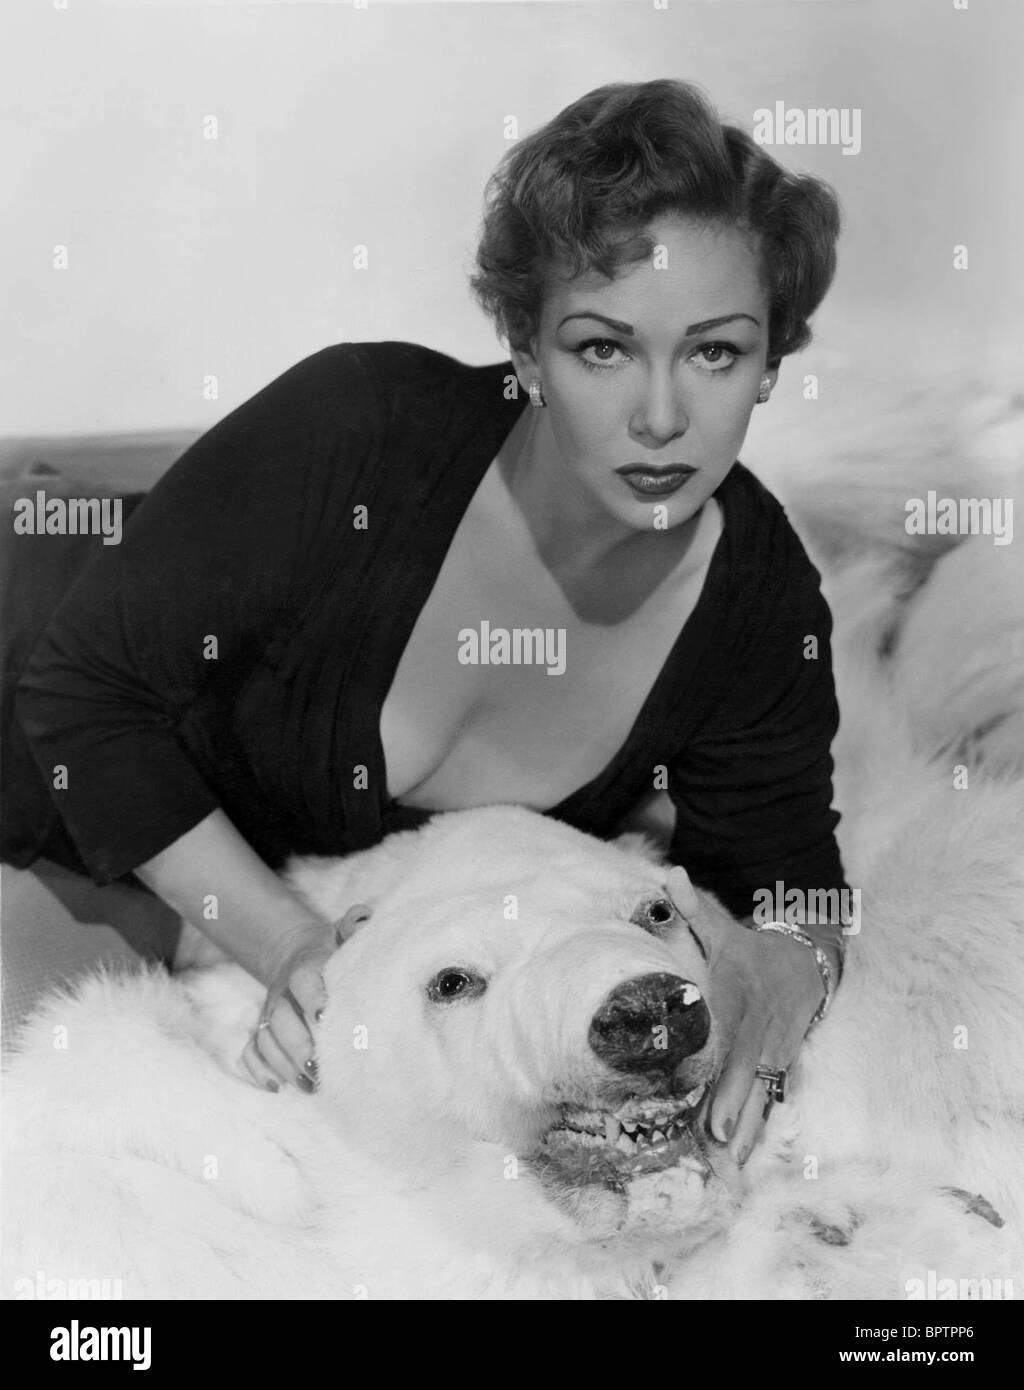 JEAN KENT ACTRESS (1955) - Stock Image